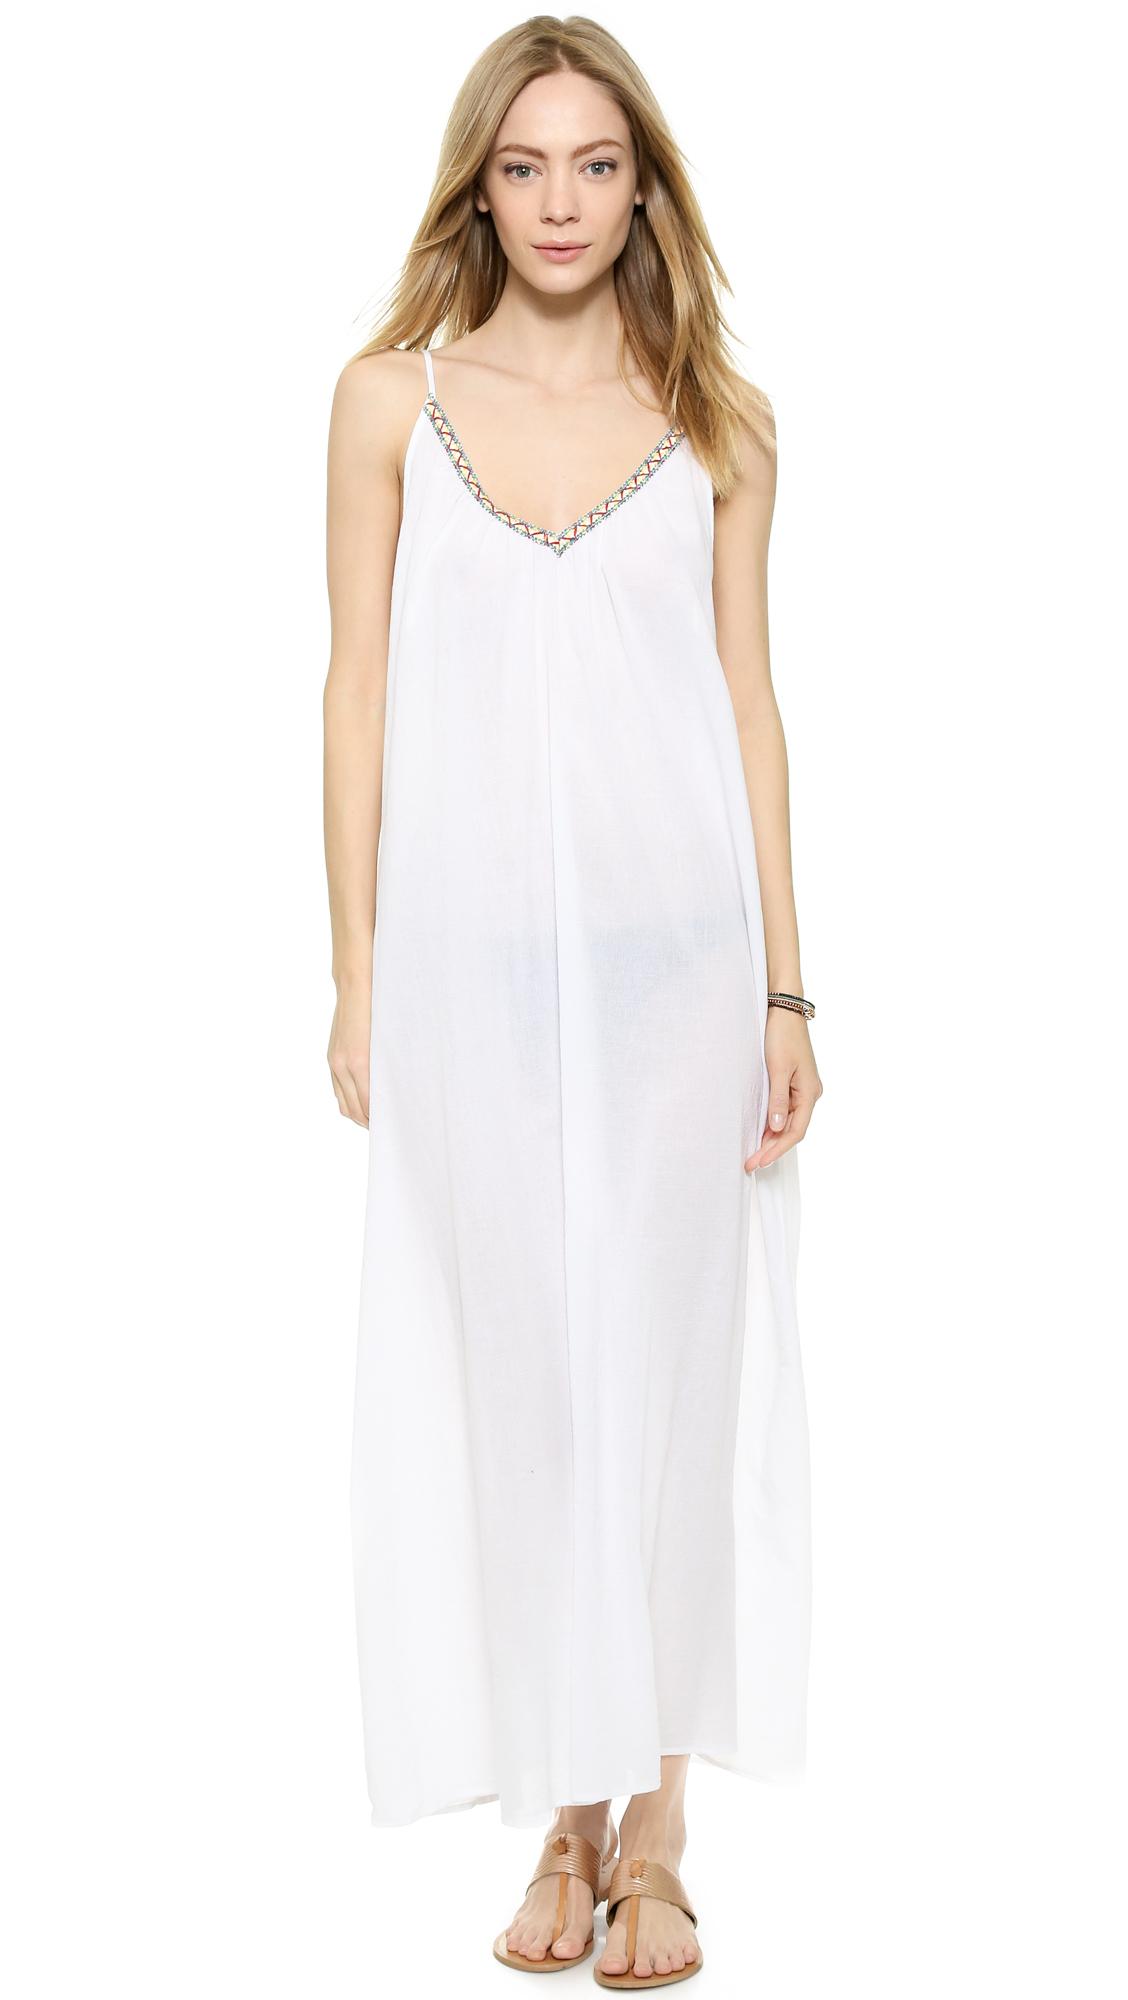 e3f5865153 Lyst - 9seed Portofino Cover Up Dress in Black